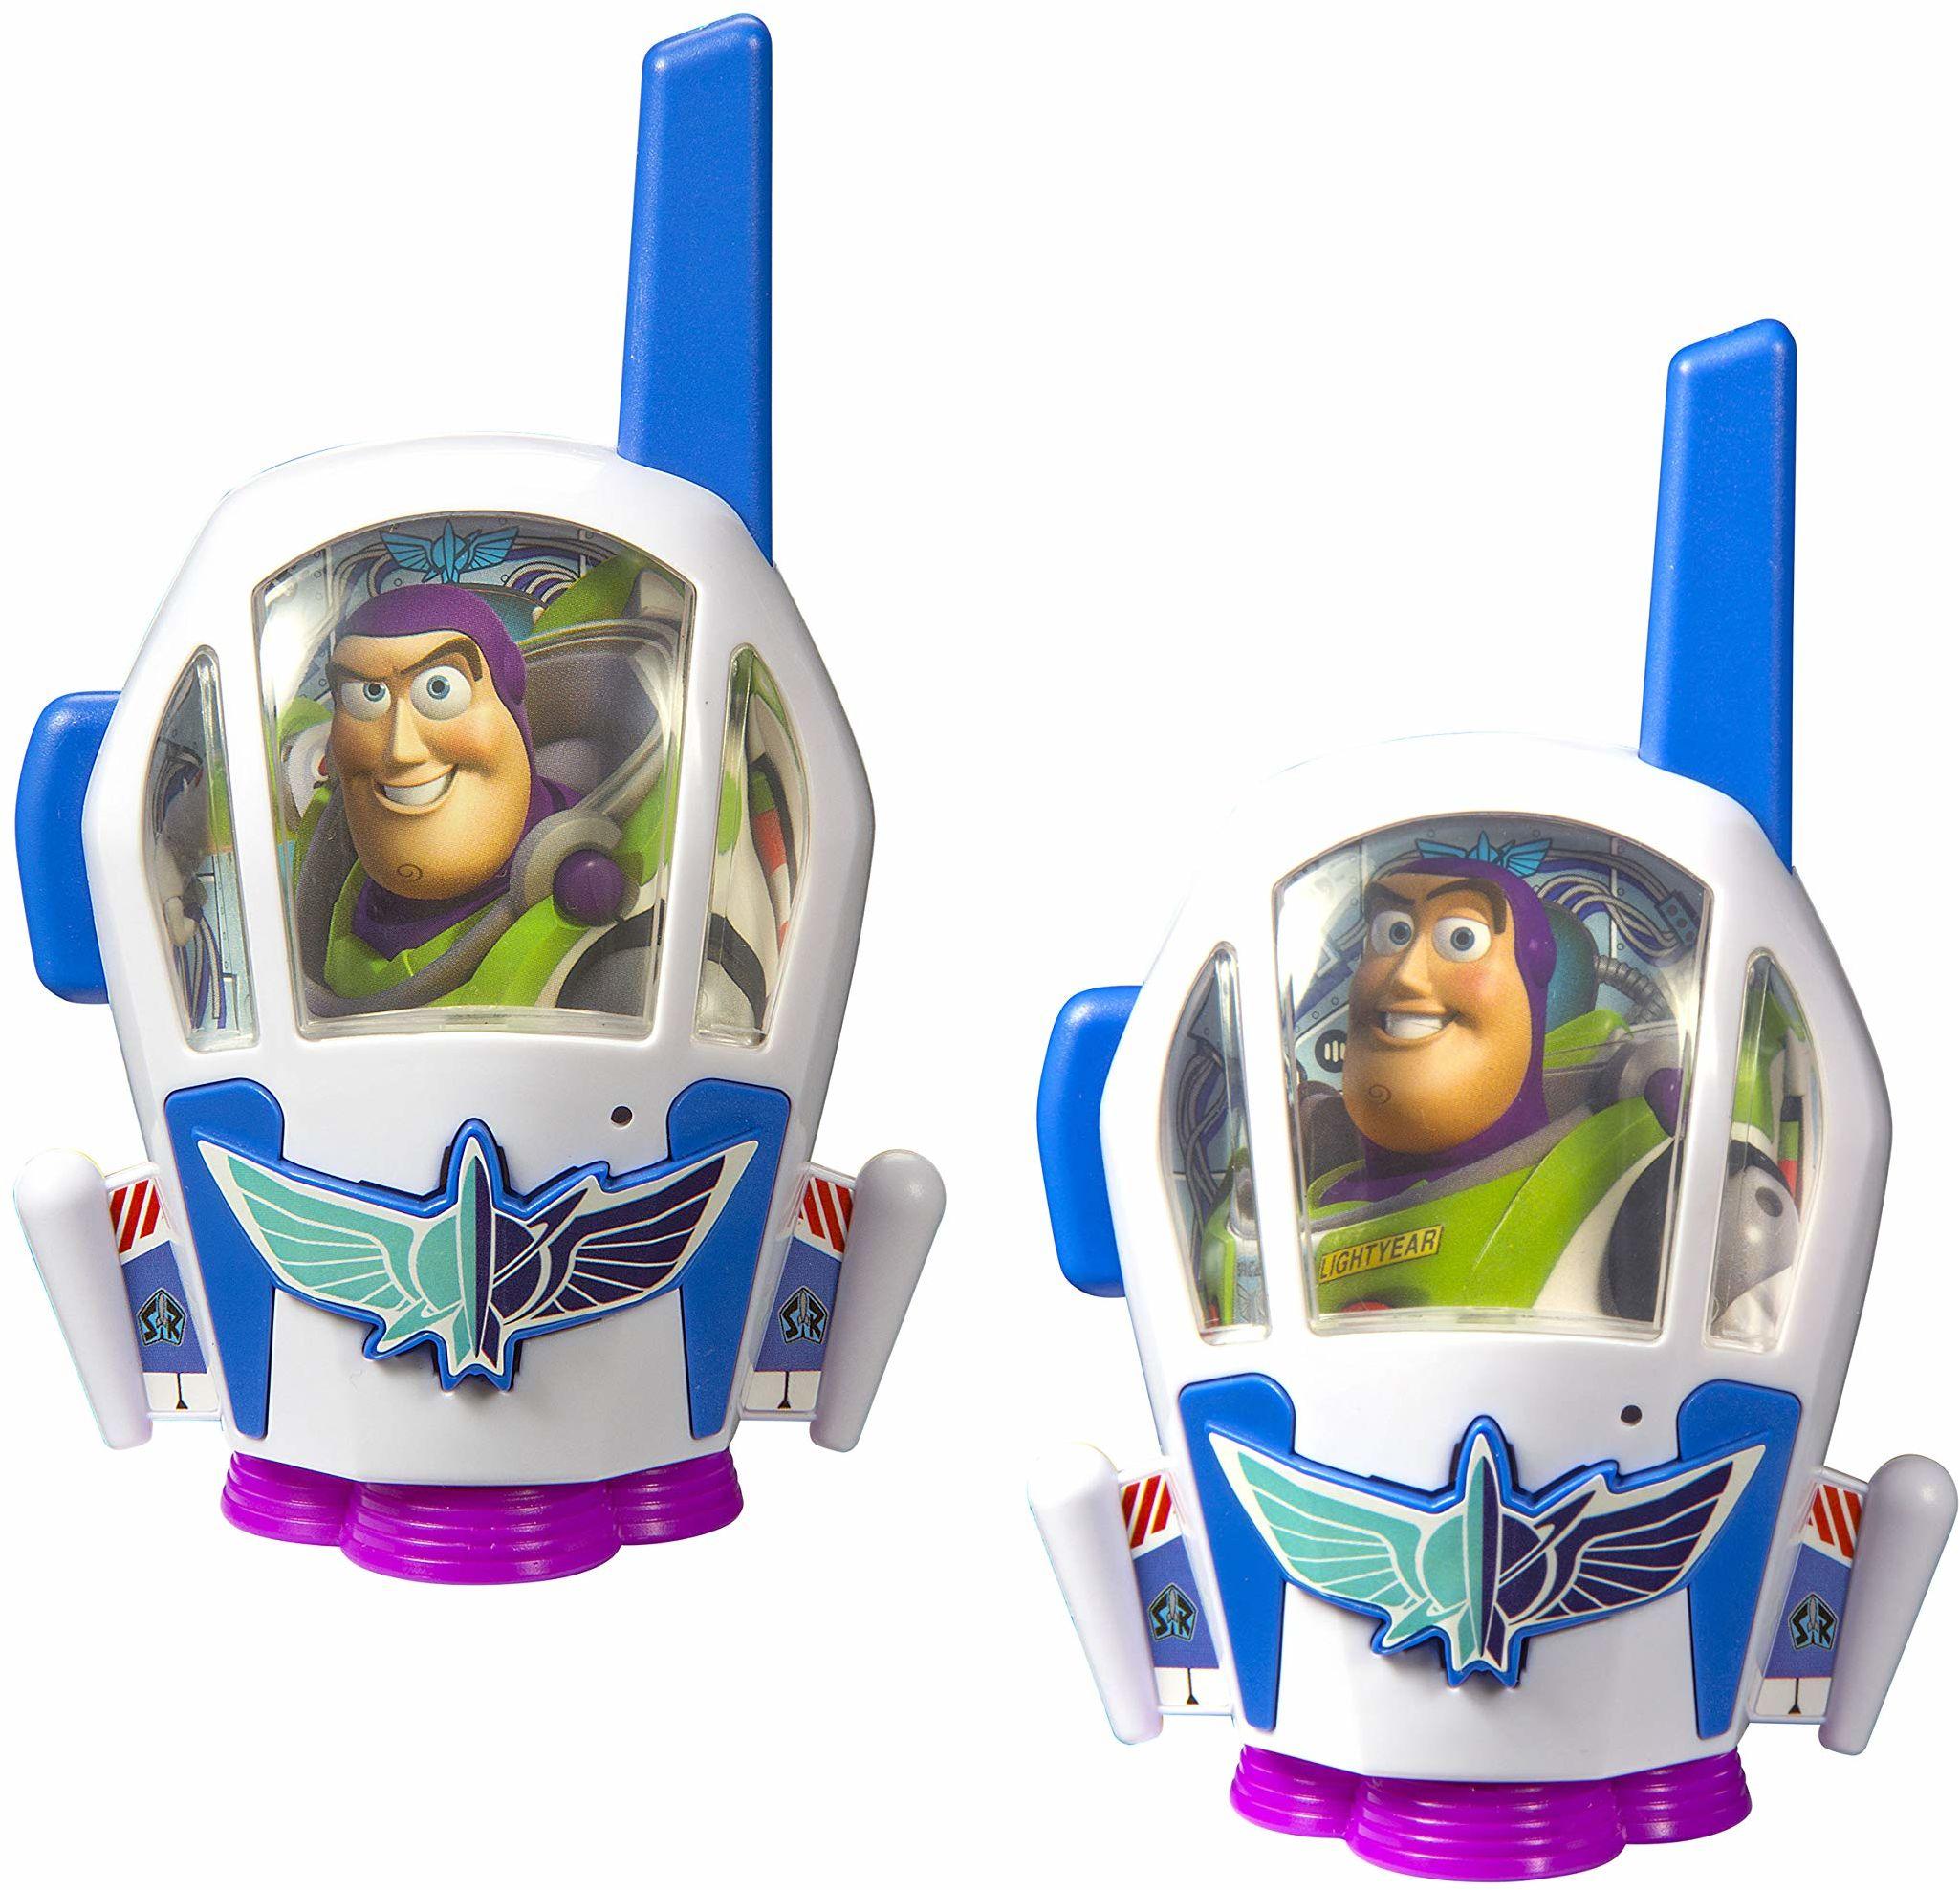 Toy Story 4 Walkie Talkies dla dzieci Statyczny i rozszerzony zasięg Buzz Lightyear